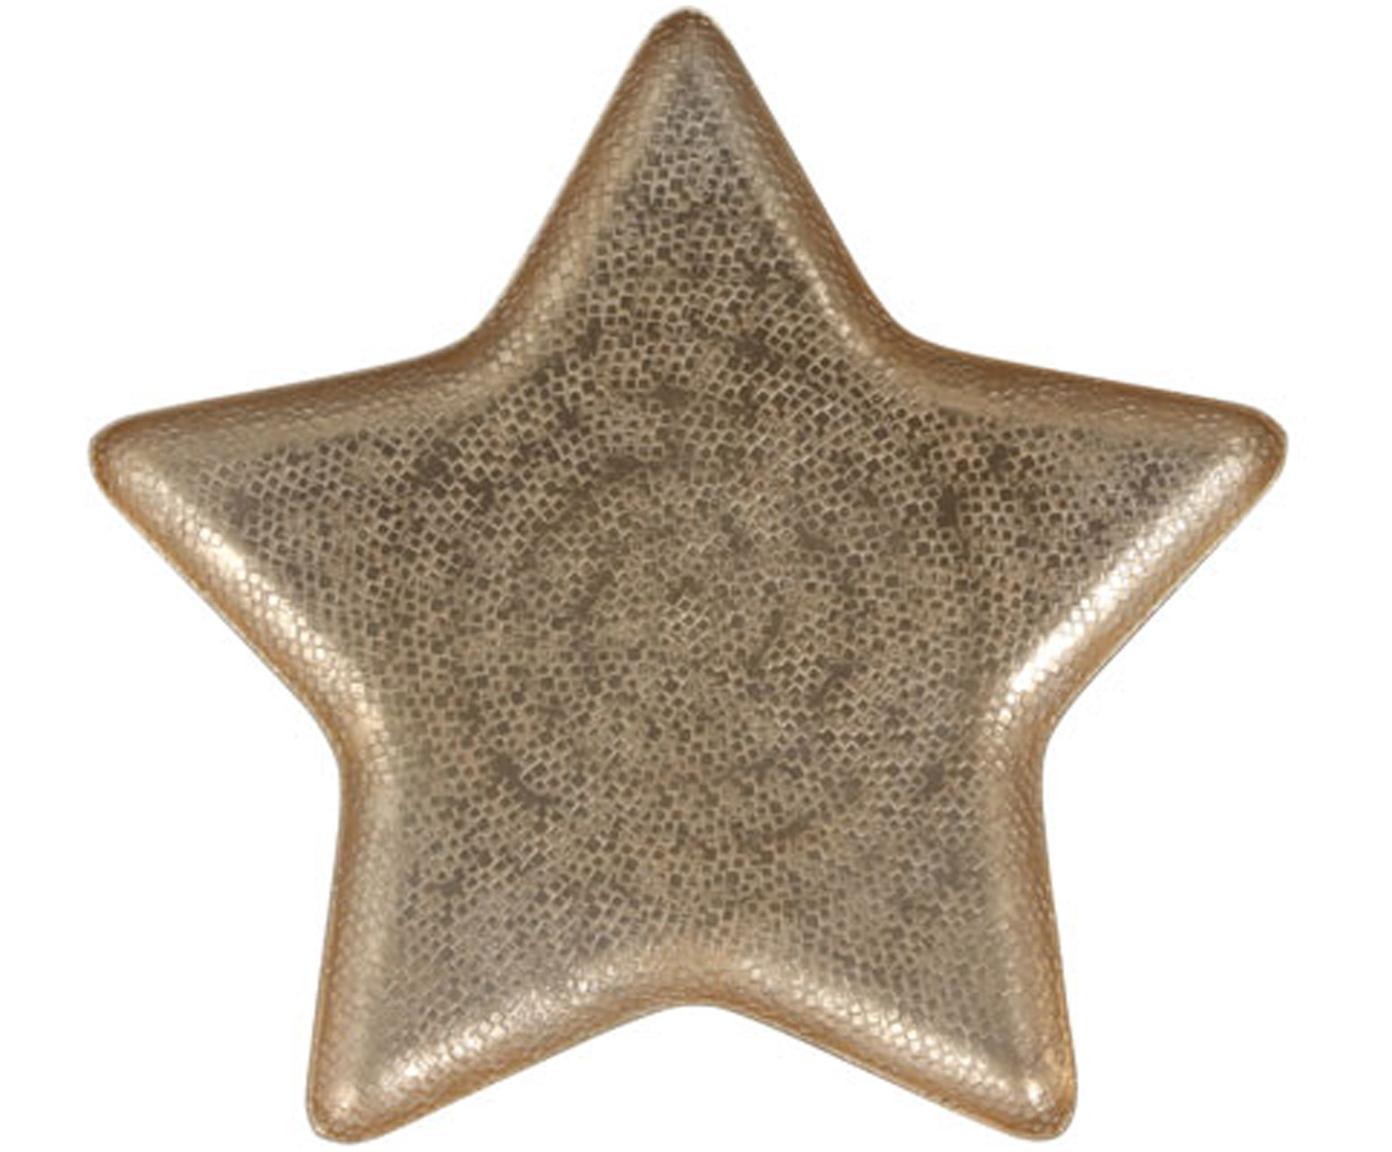 Deko-Schale Star, Aluminium, beschichtet, Messingfarben, matt, 25 x 2 cm